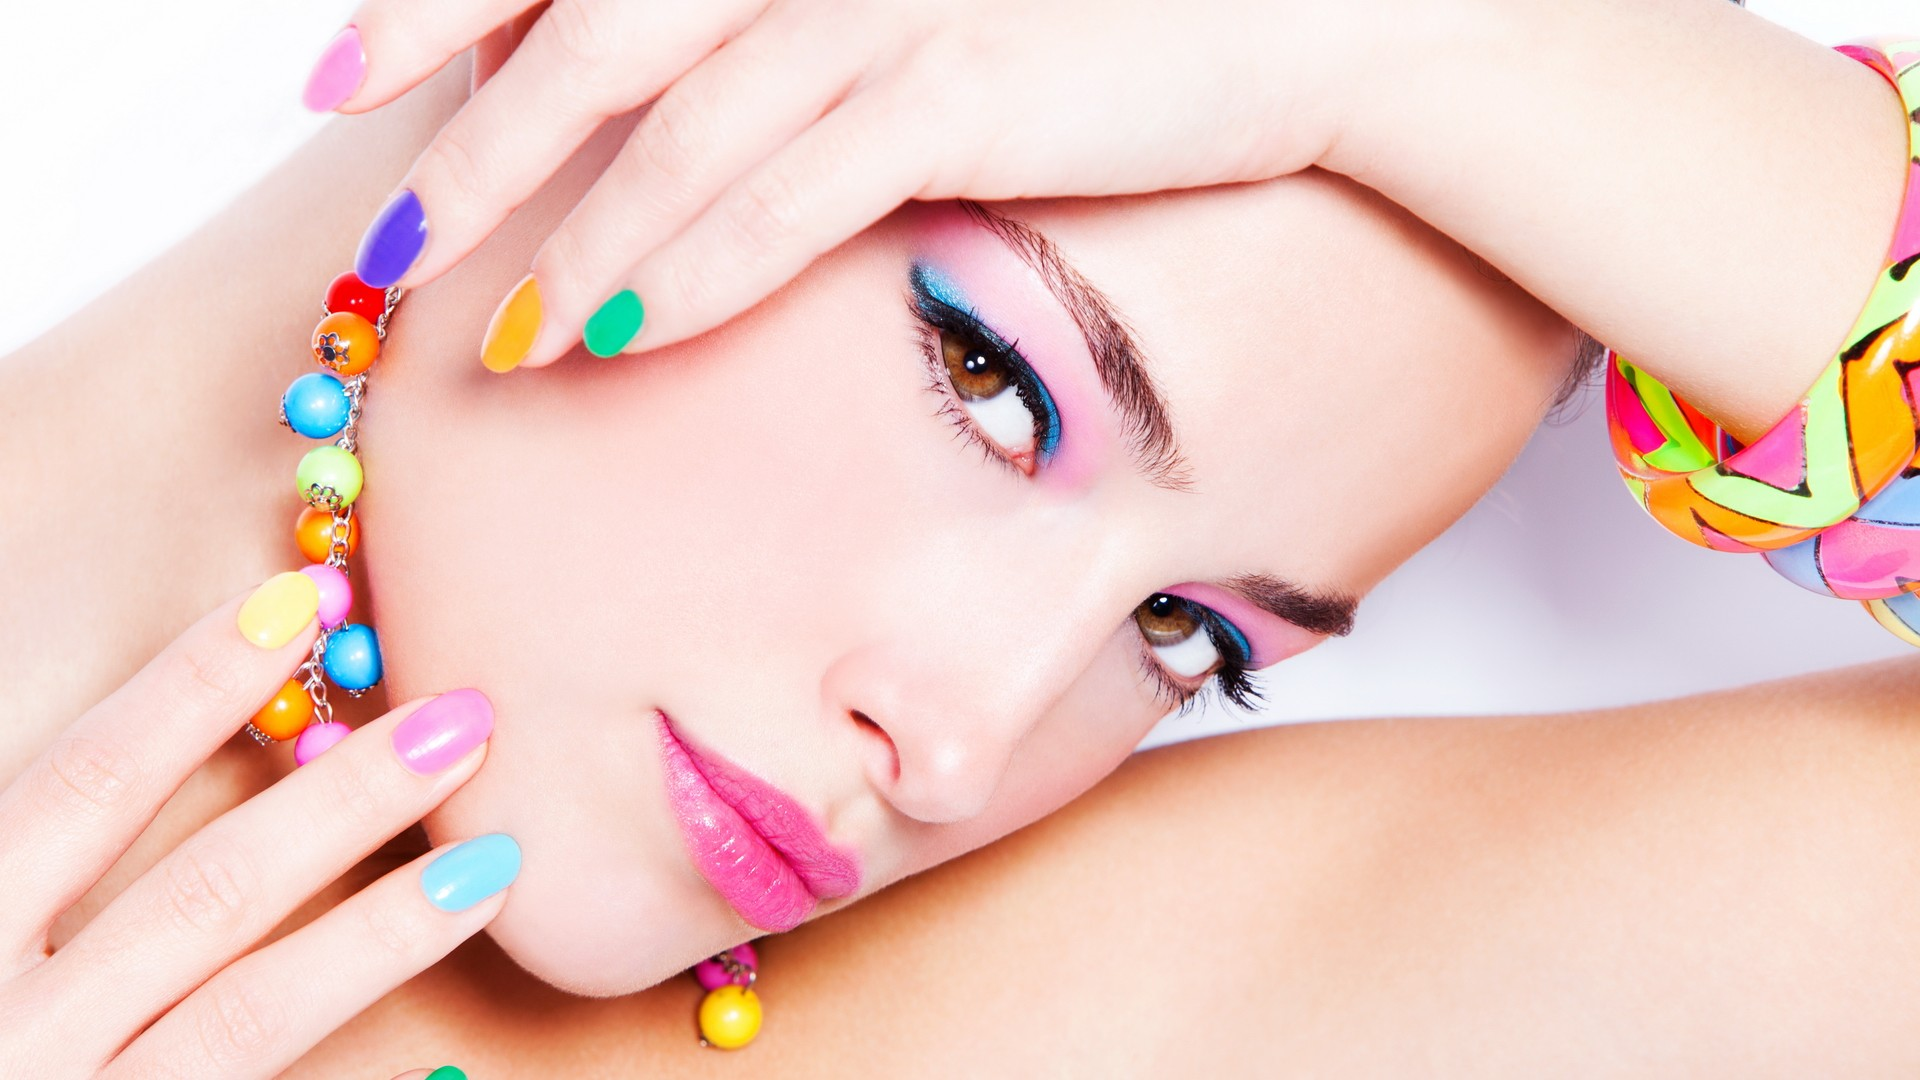 Uñas de colores - 1920x1080